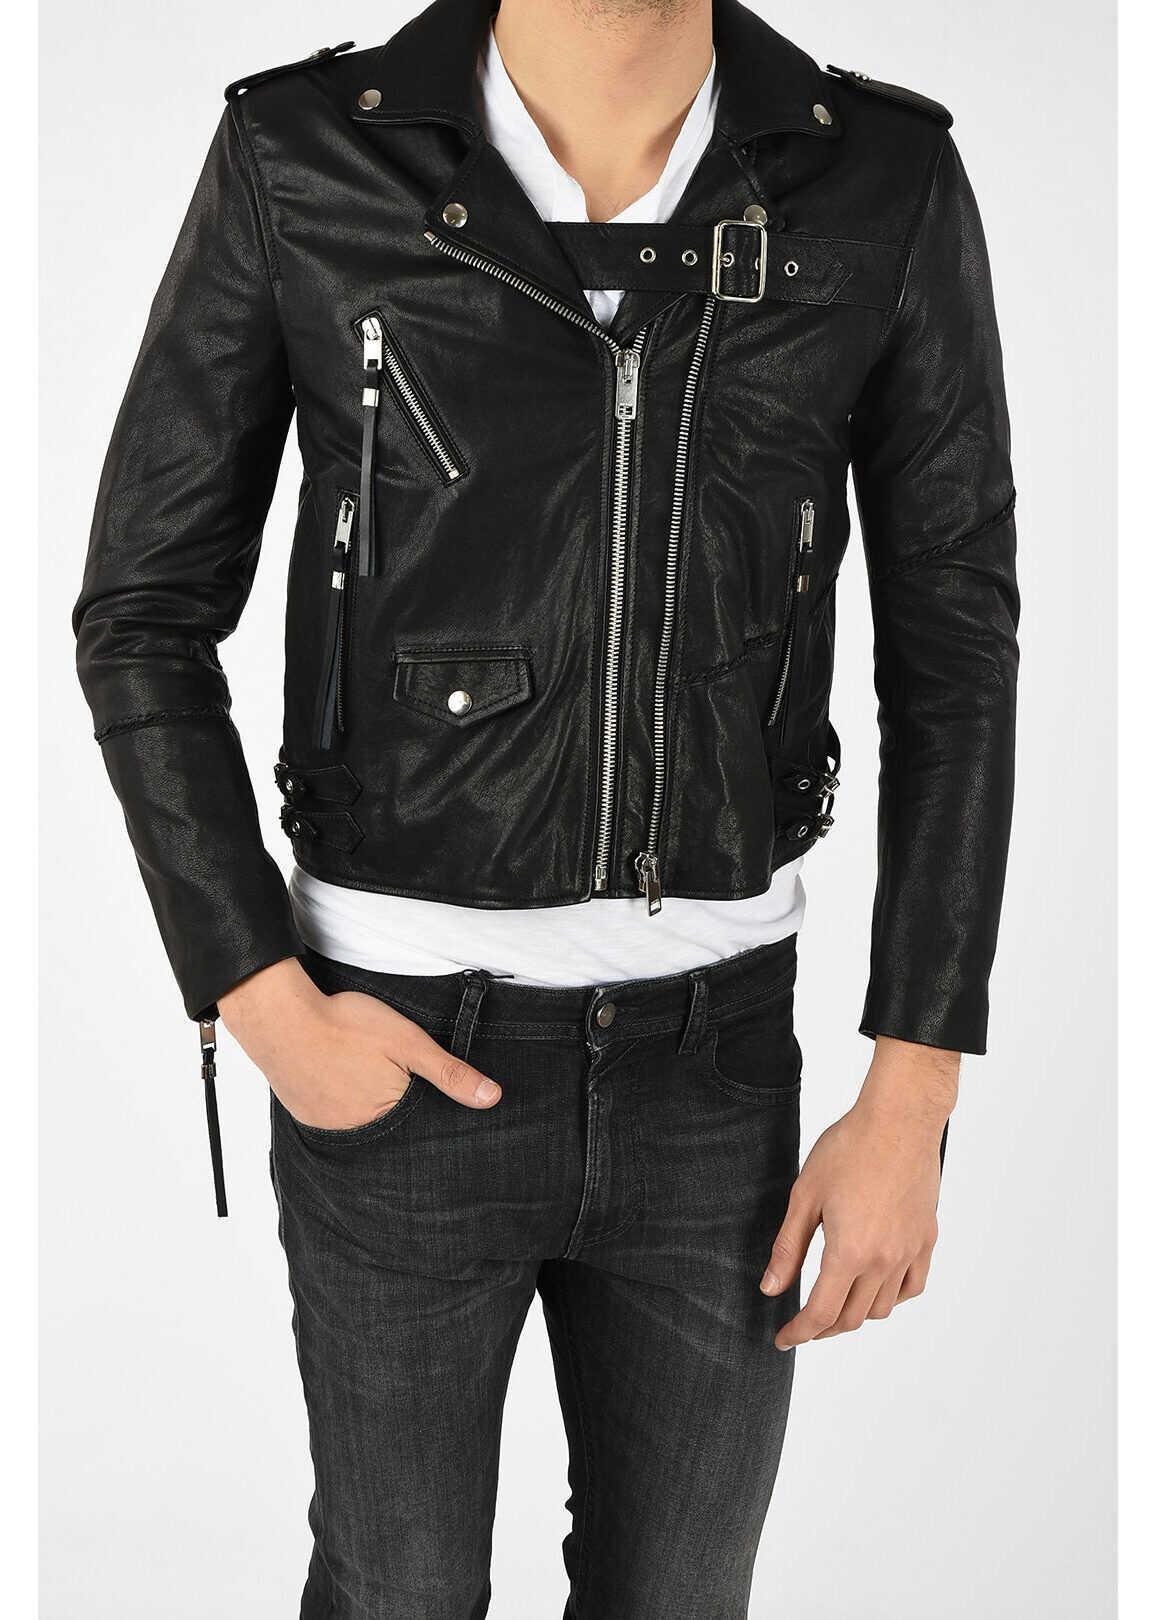 Diesel Leather Studded SE-LENE Jacket BLACK